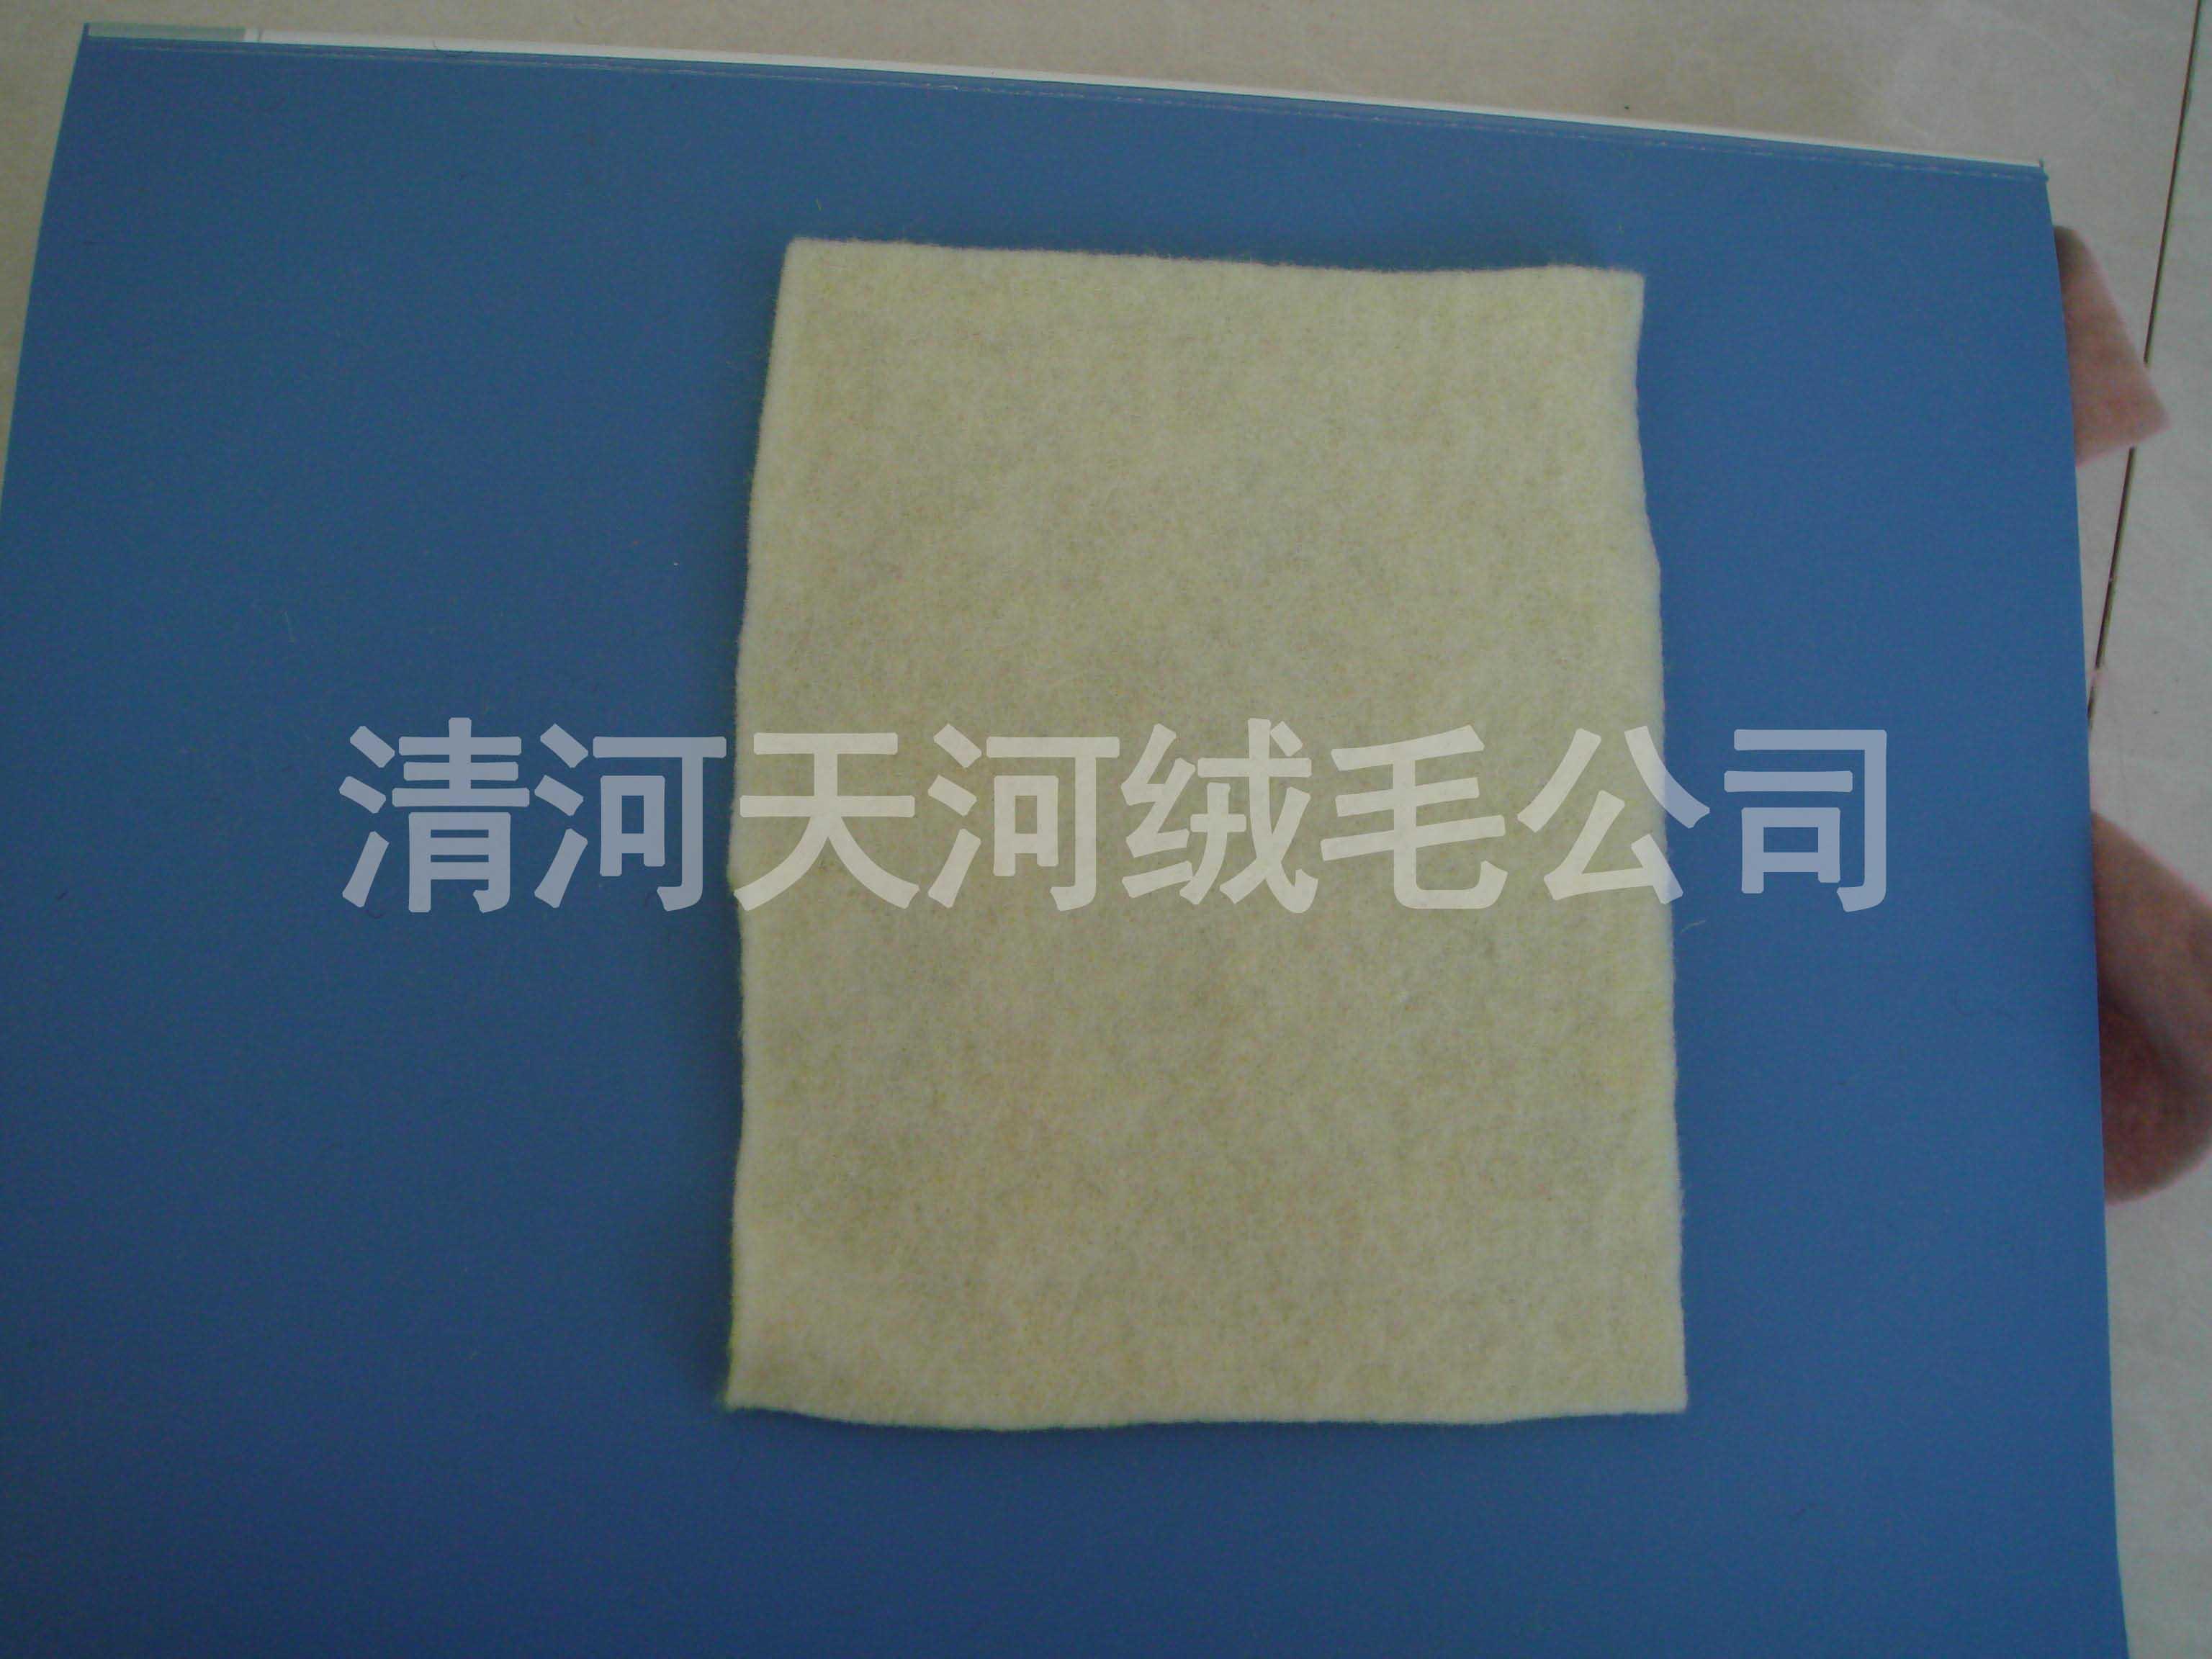 邢台哪里有提供工致的羊毛絮片服装样品图|北京羊毛絮片服装样品图